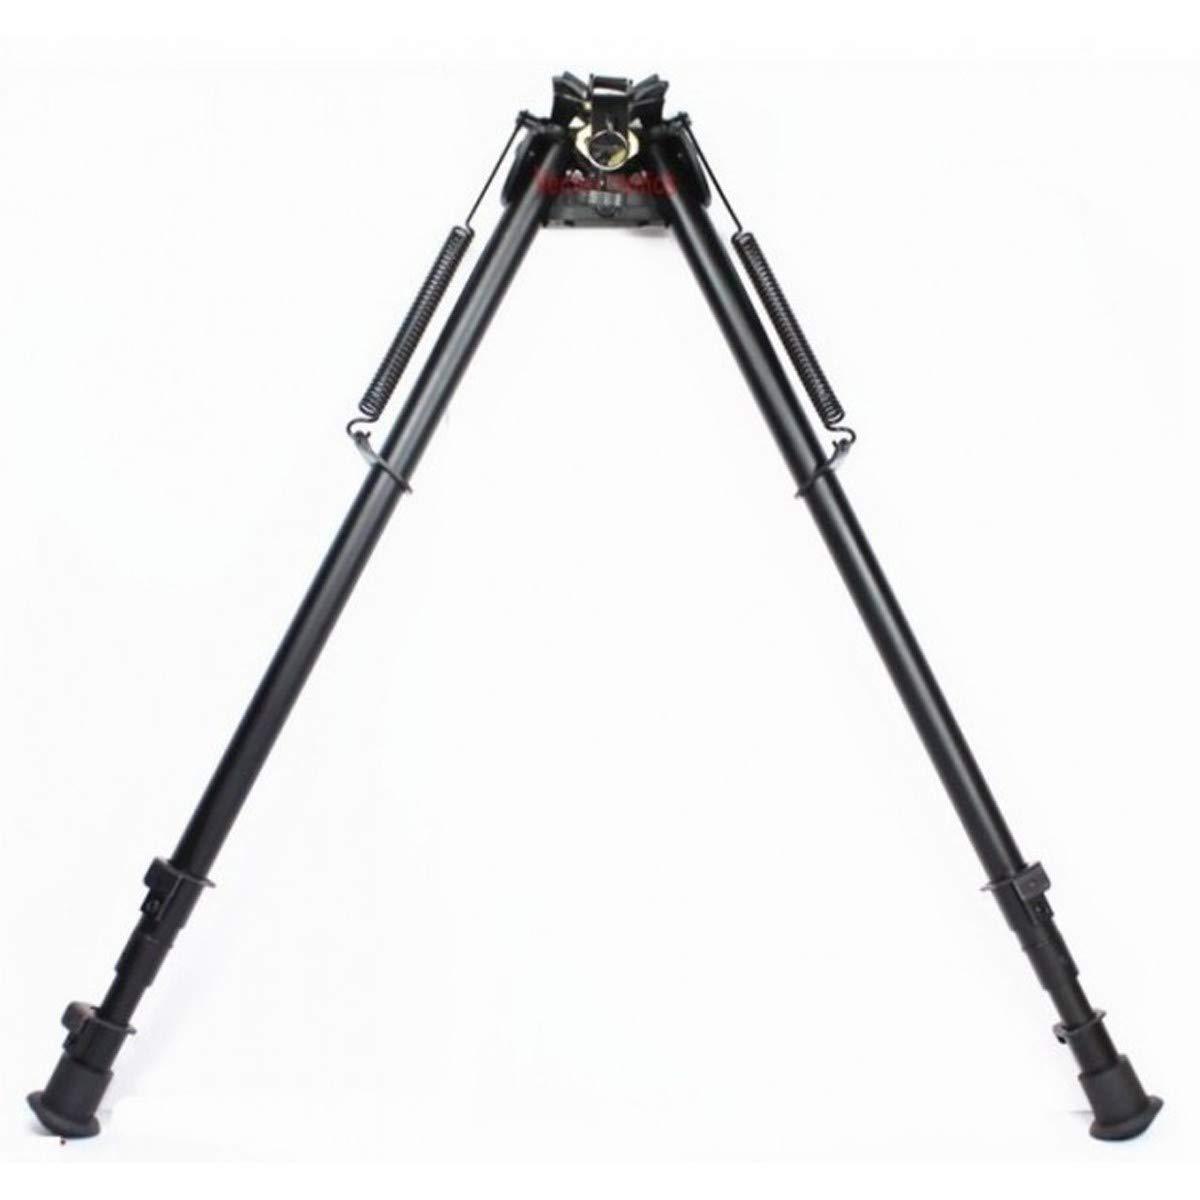 Tac Vector Optics Tactical 15a 26 emerillones Sling Harris estilo Bipod 12niveles Weaver Rail Mount Adapter Color Negro